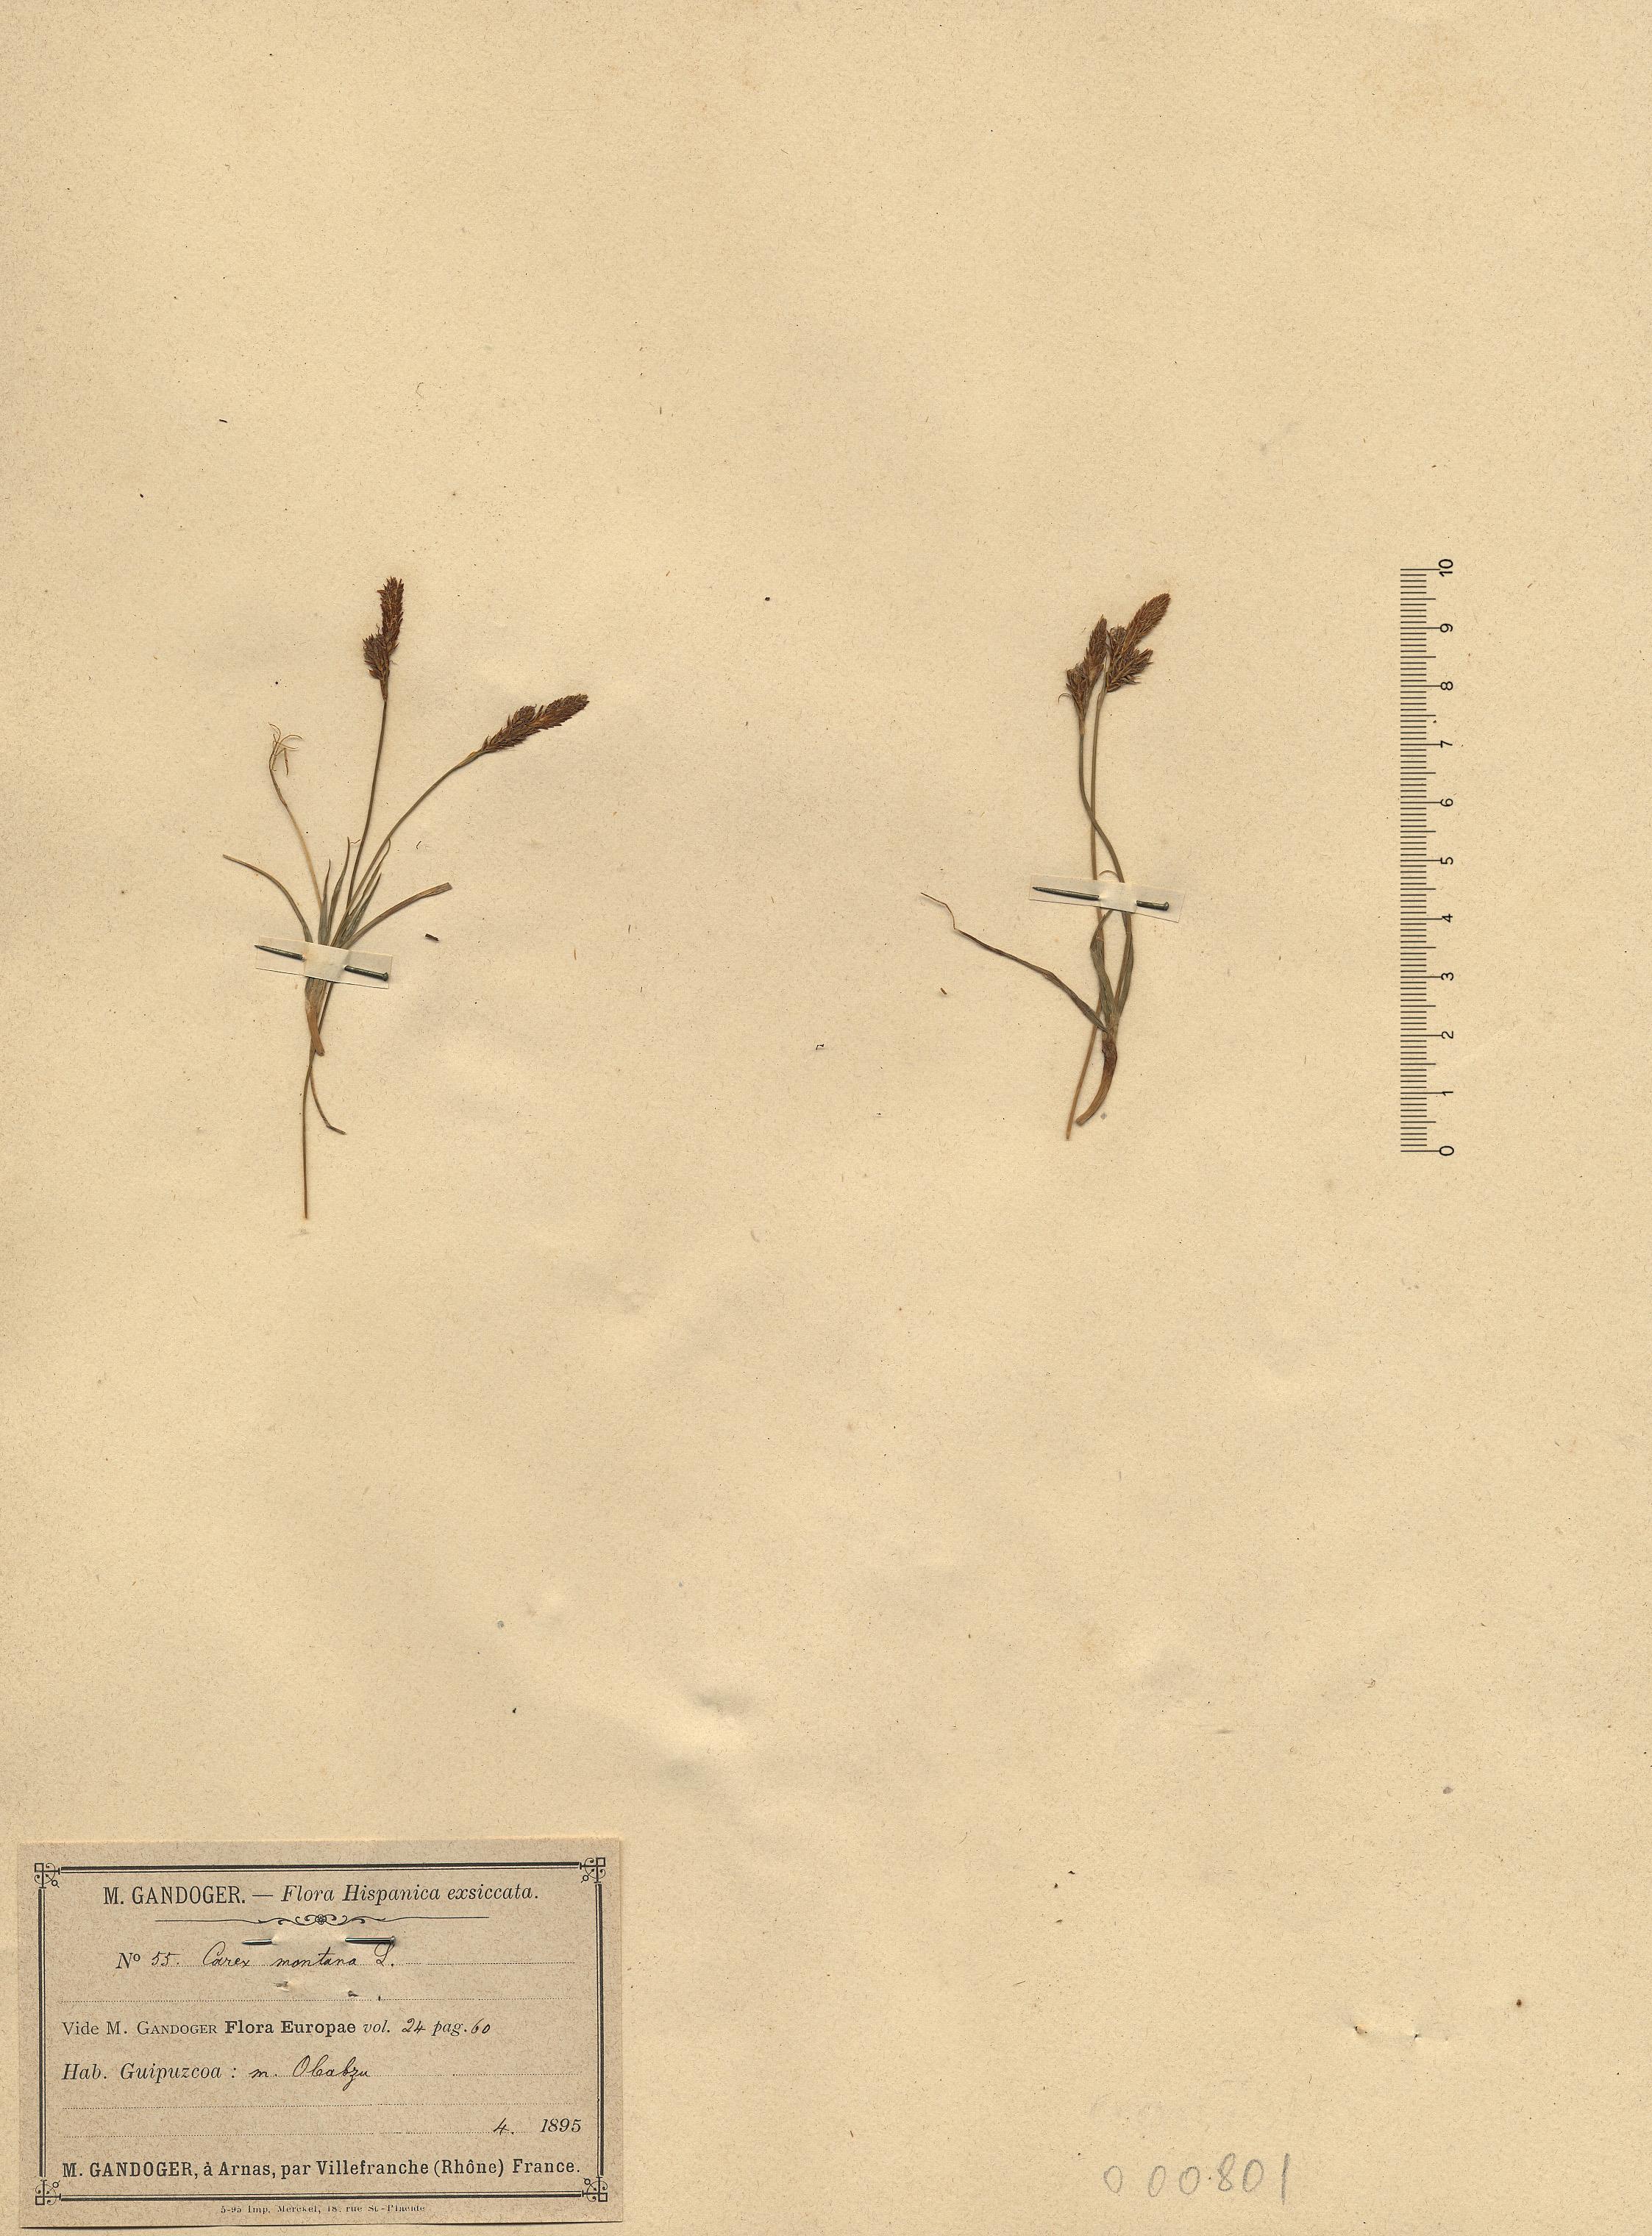 © Hortus Botanicus Catinensis - Herb. sheet 000801<br>